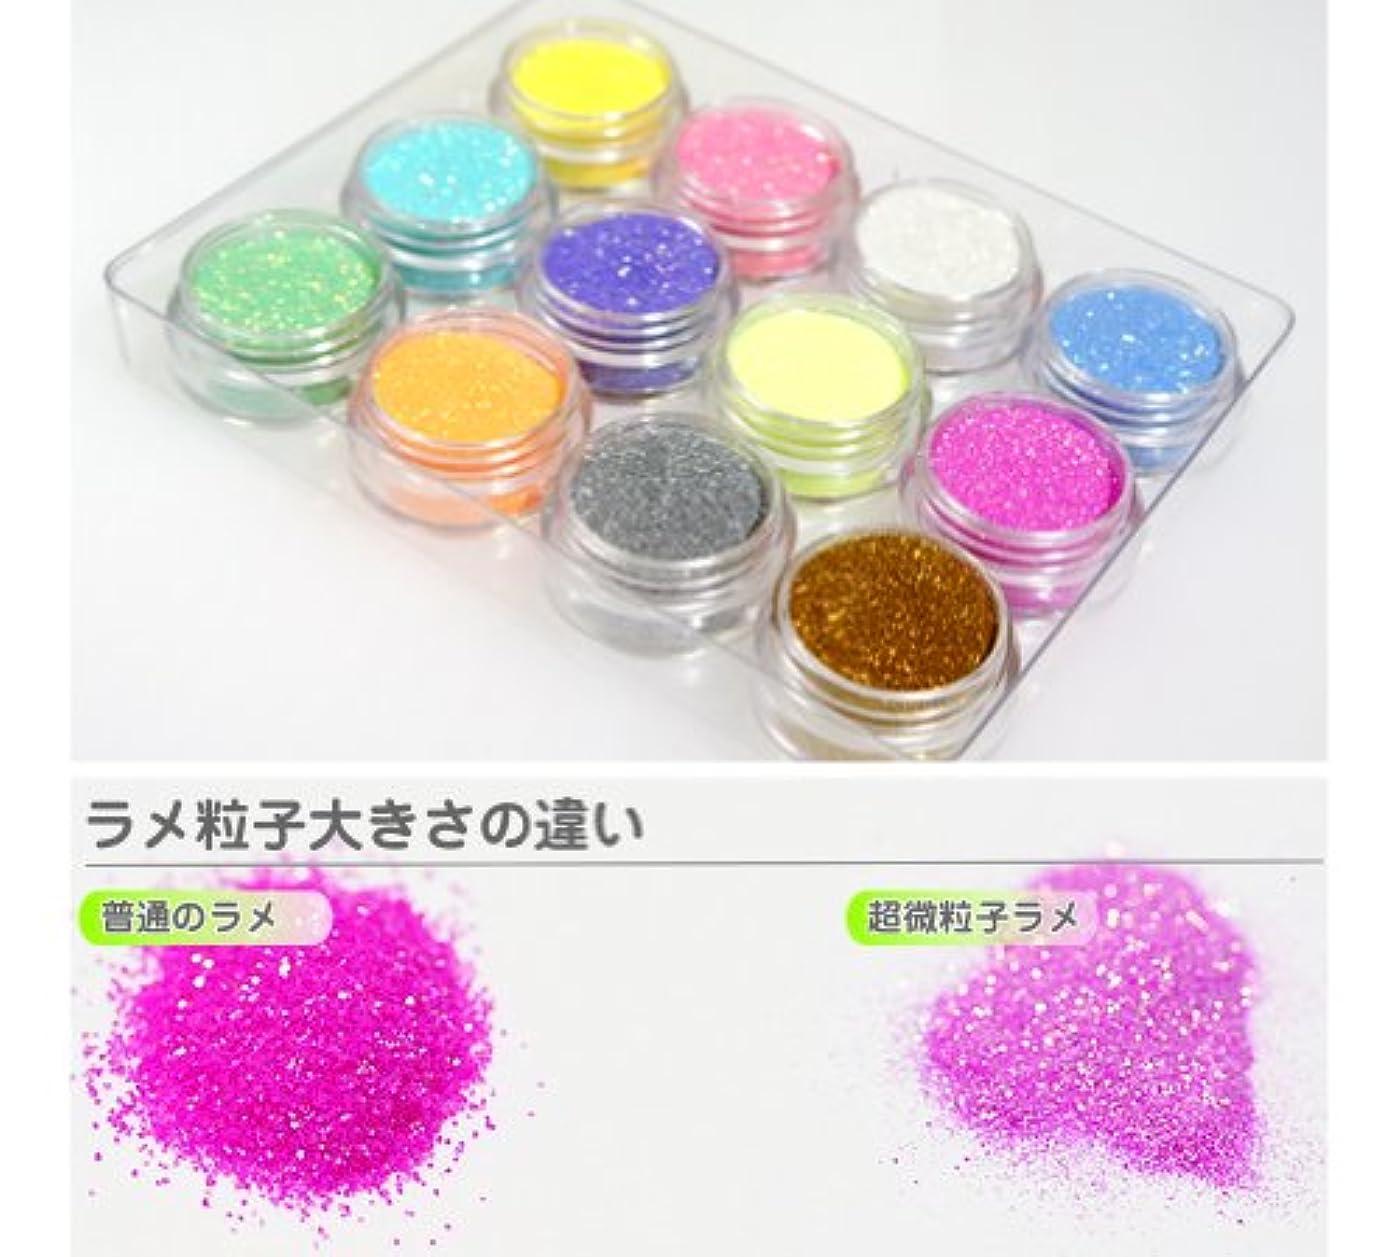 大佐アダルト故意にネオコレクションオリジナル☆超微粒子ラメパウダー0.1mm、砂のようにサラサラで抜群の発色 ジェルネイルアートに!